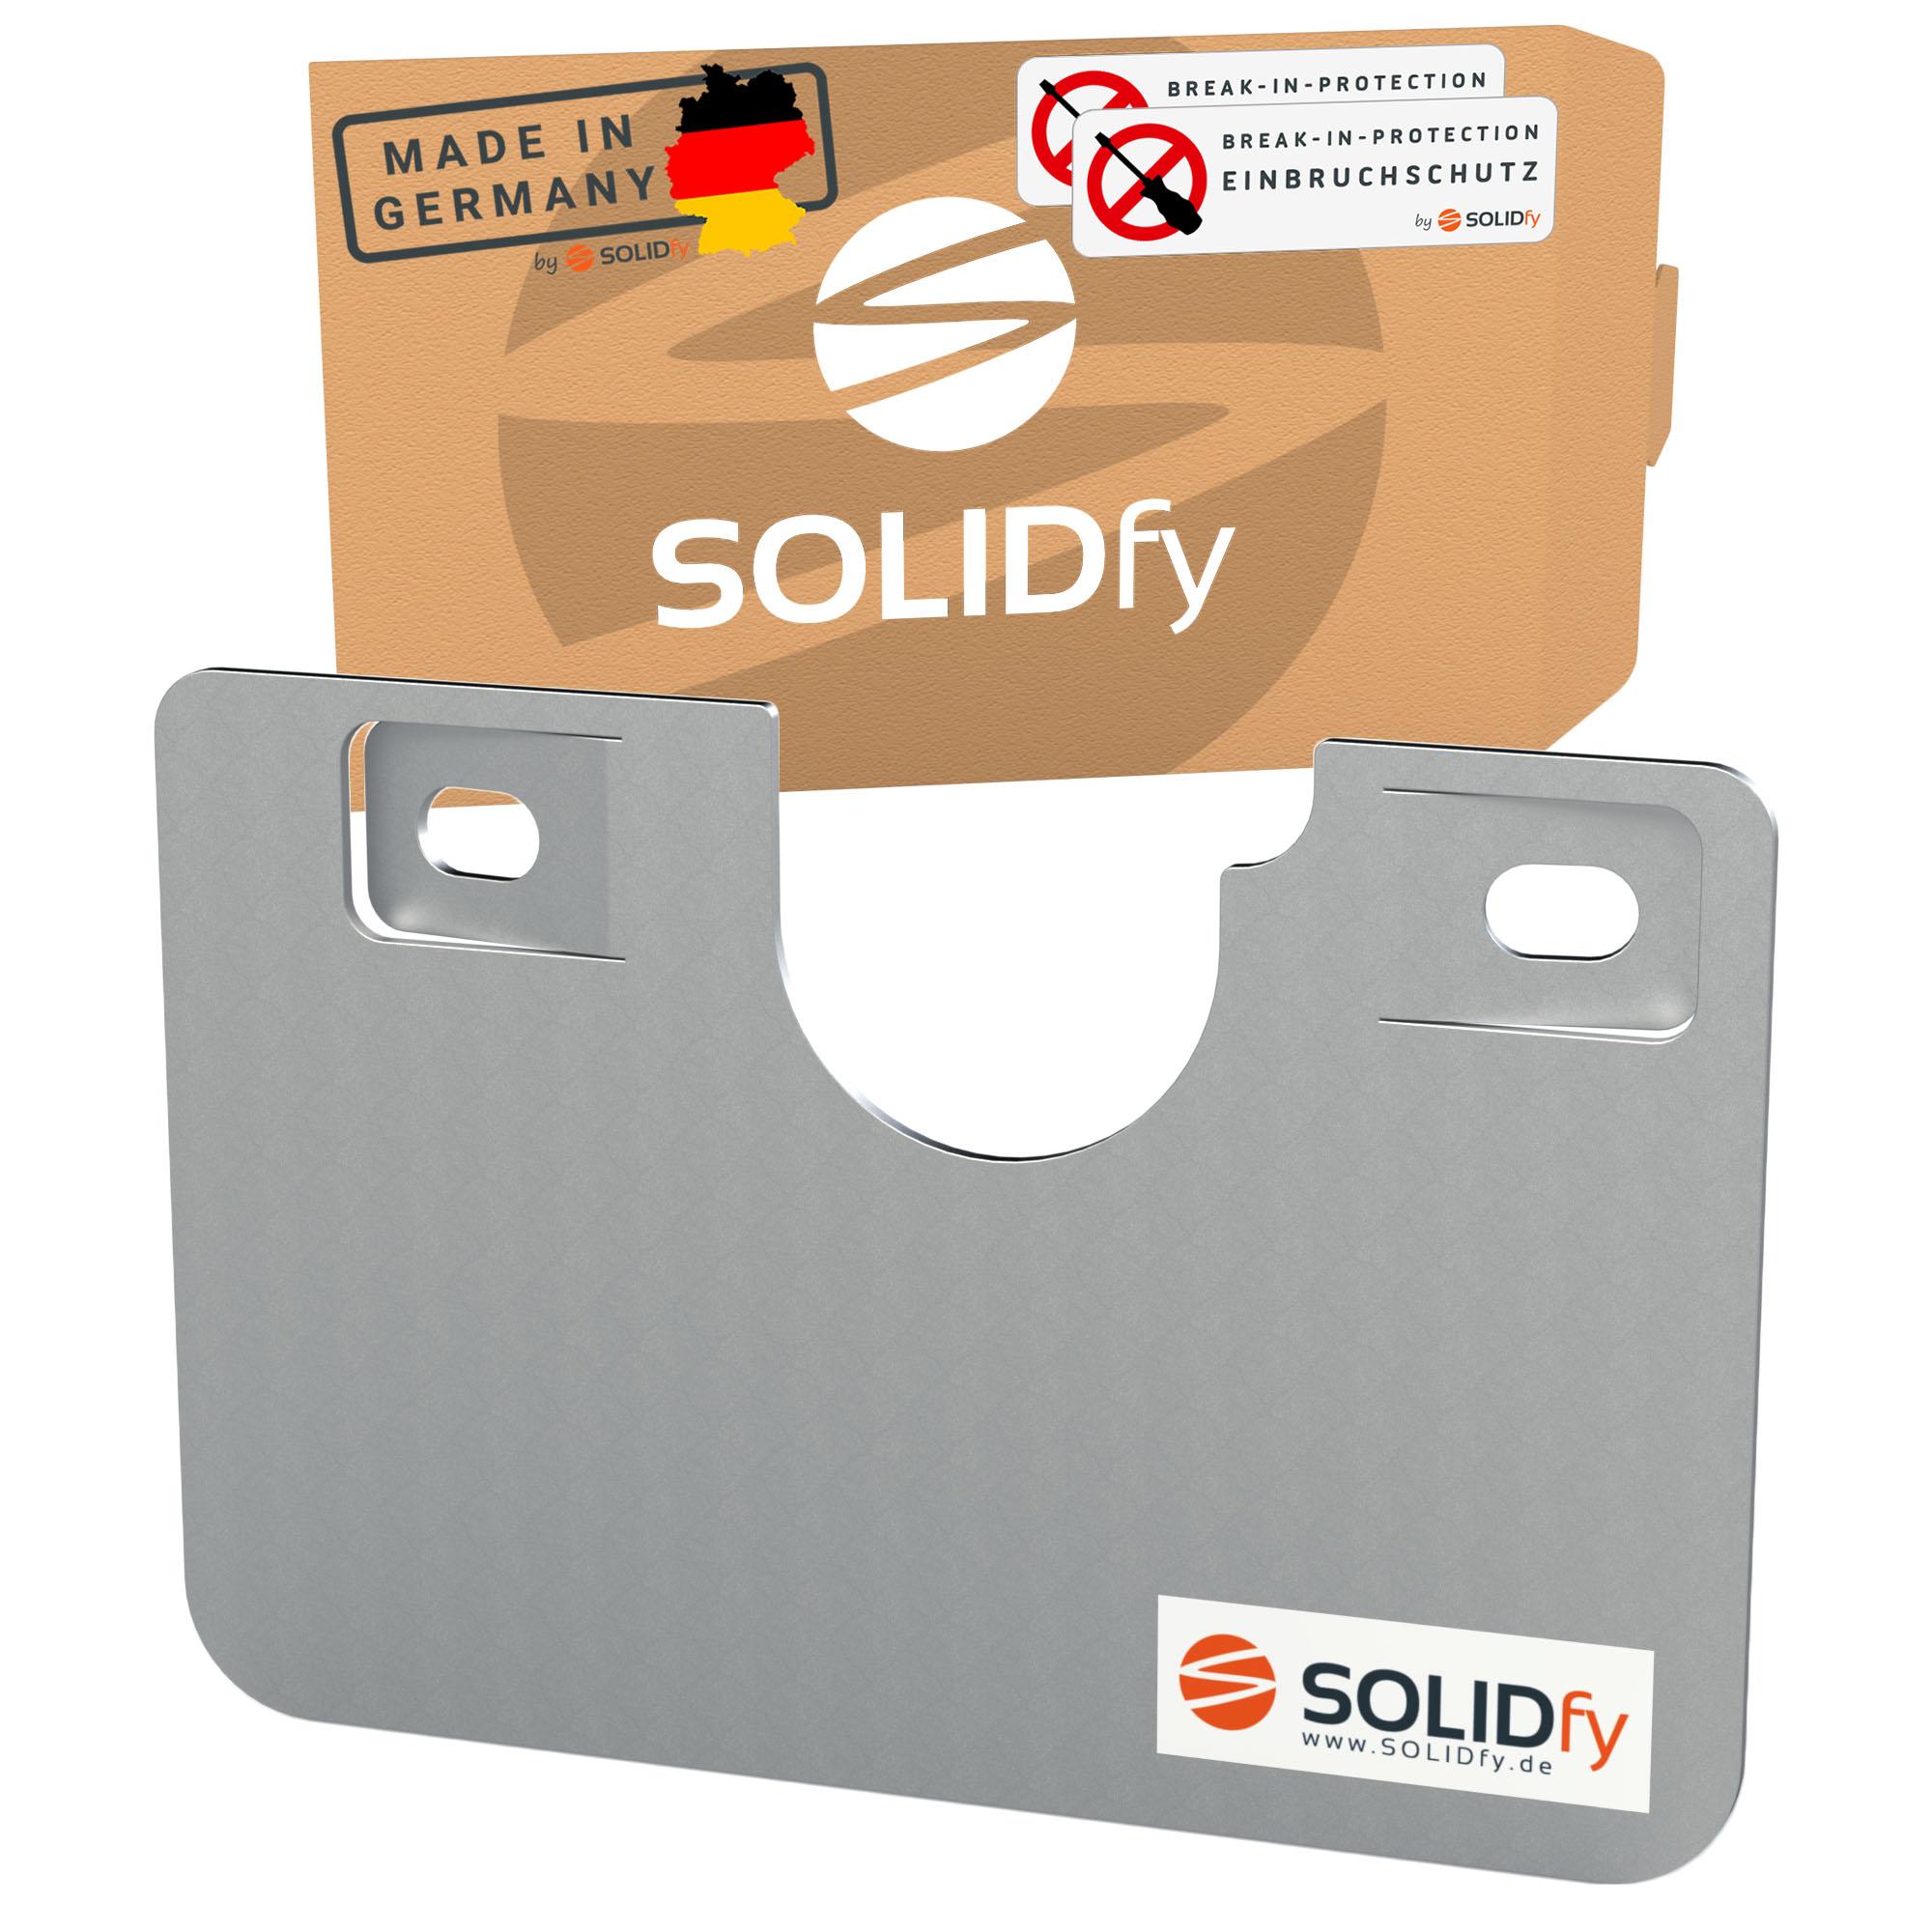 SOLIDfy Einbruchschutz Fahrertür Ducato ab 2006